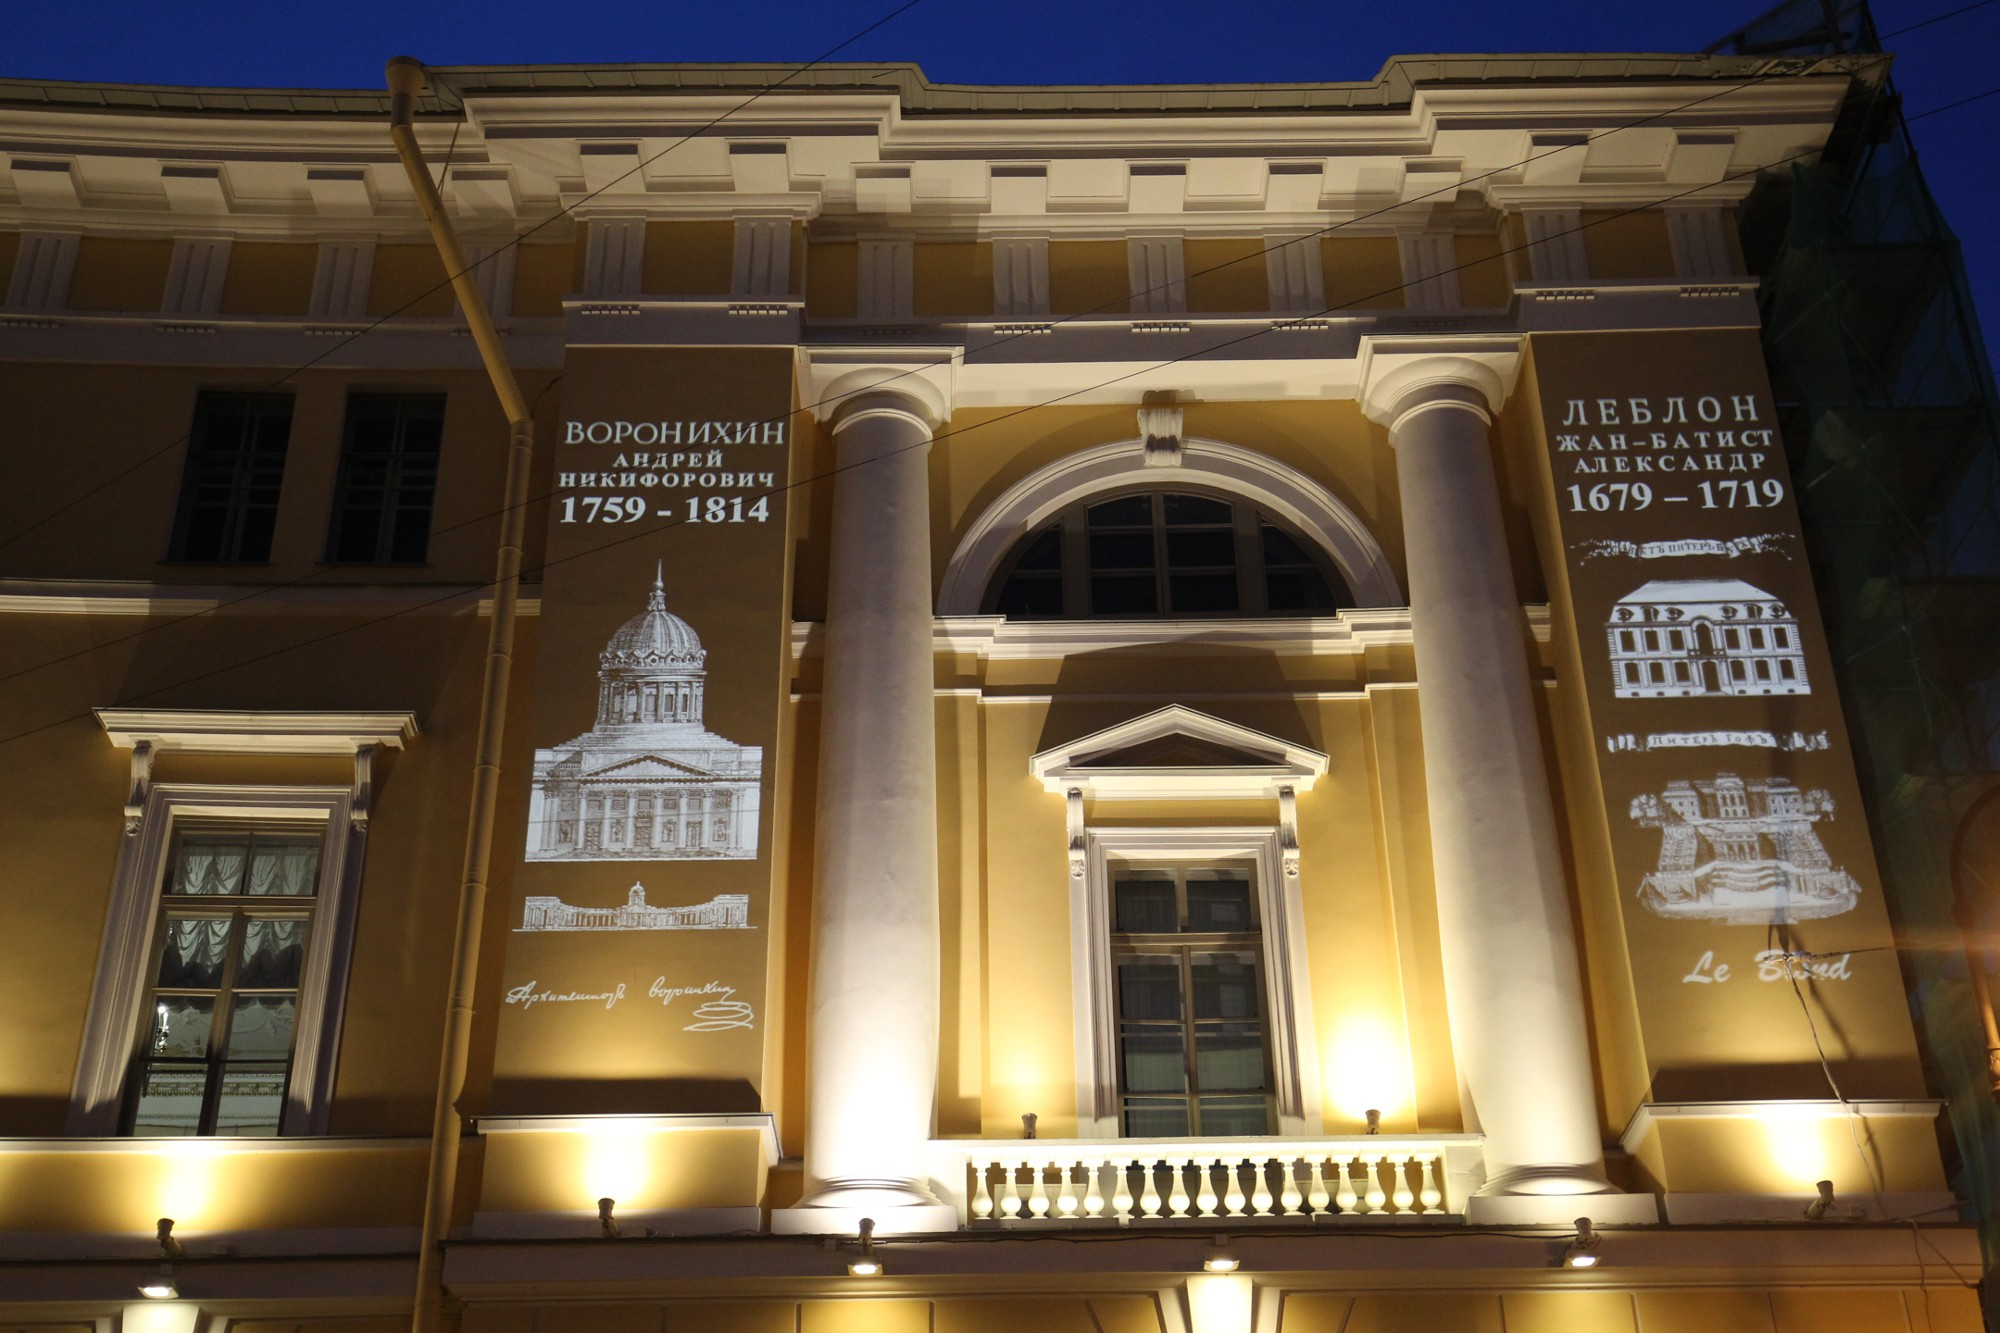 световая проекция, подсветка, здание КГА, площадь Ломоносова